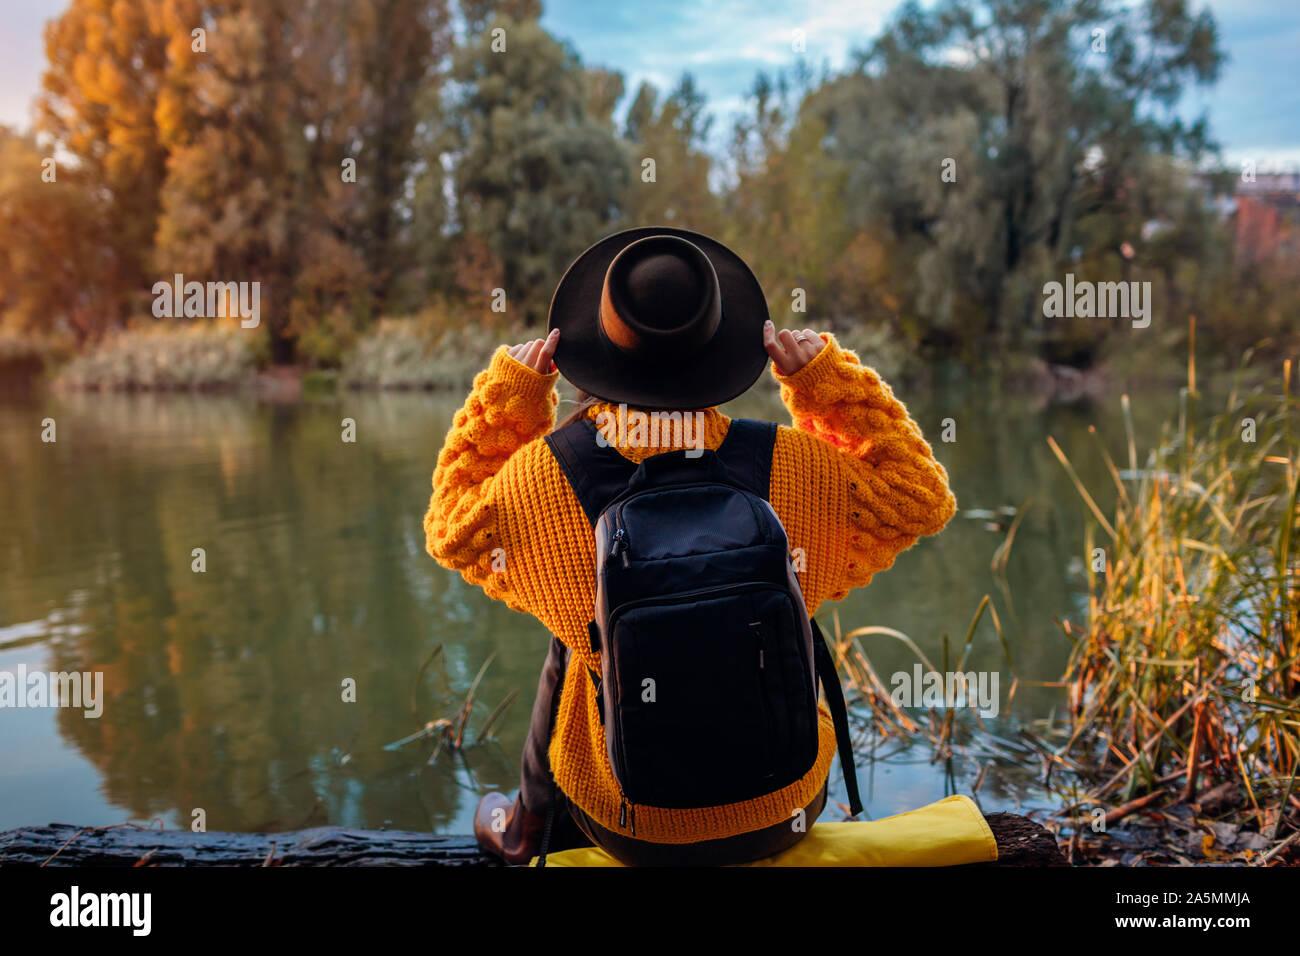 Viajero con mochila relajando en otoño de río al atardecer. Mujer joven sentado en banco y relajante la celebración de HAT. Un estilo de vida activo Foto de stock